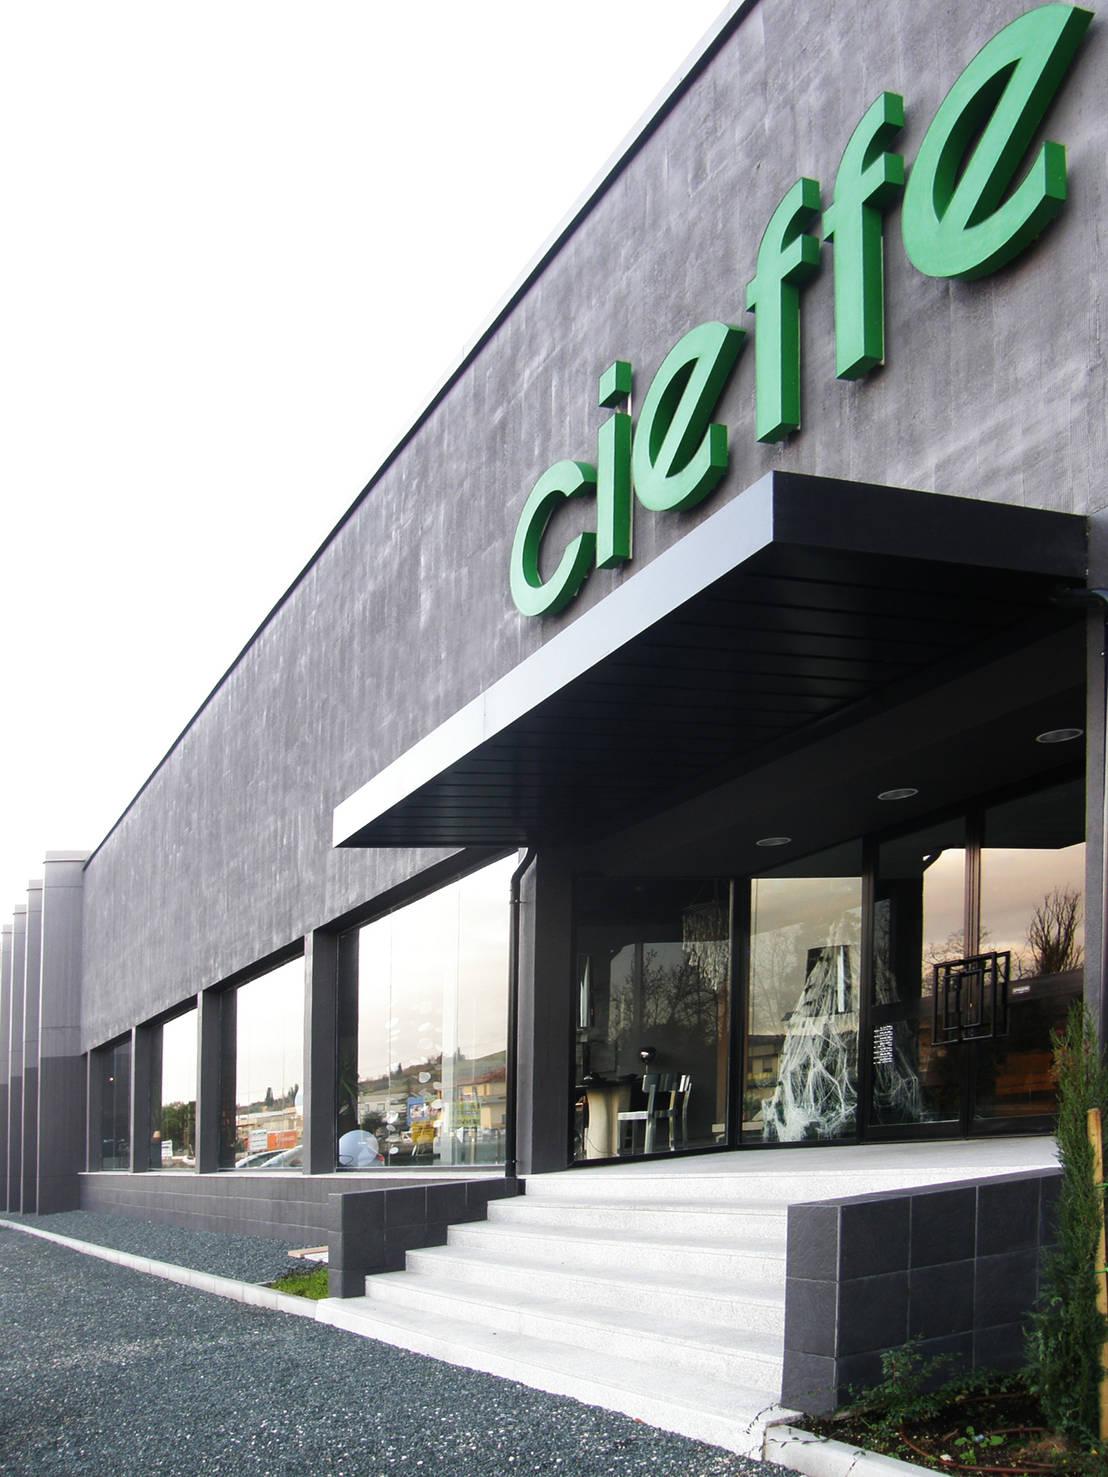 Showroom cieffe arredamenti restyling facciata de for Cieffe arredamenti